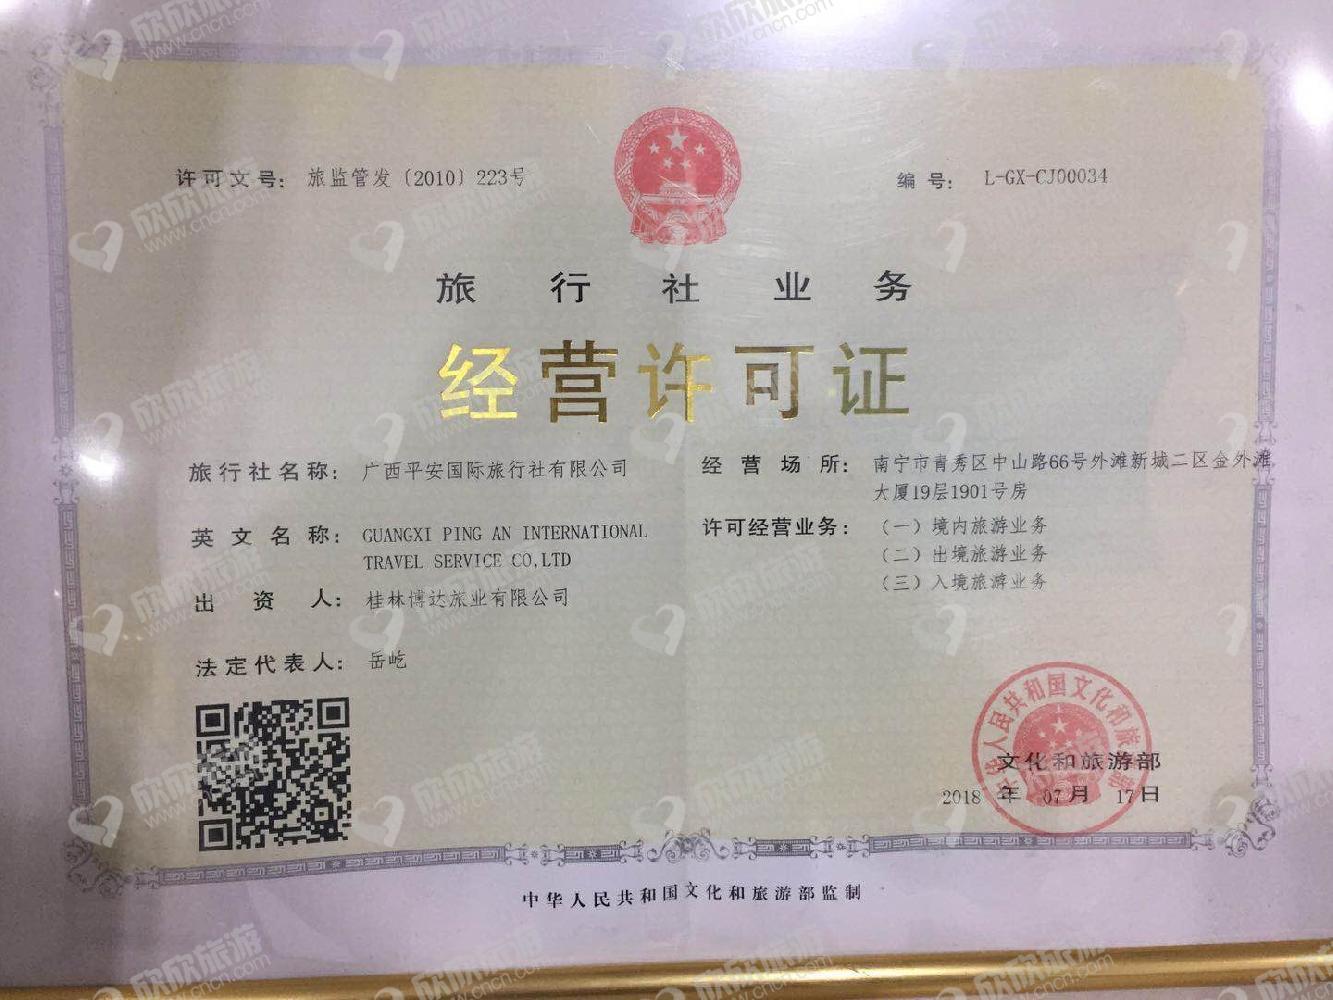 中国国旅(广西)国际旅行社有限公司南宁铁道饭店门市部经营许可证